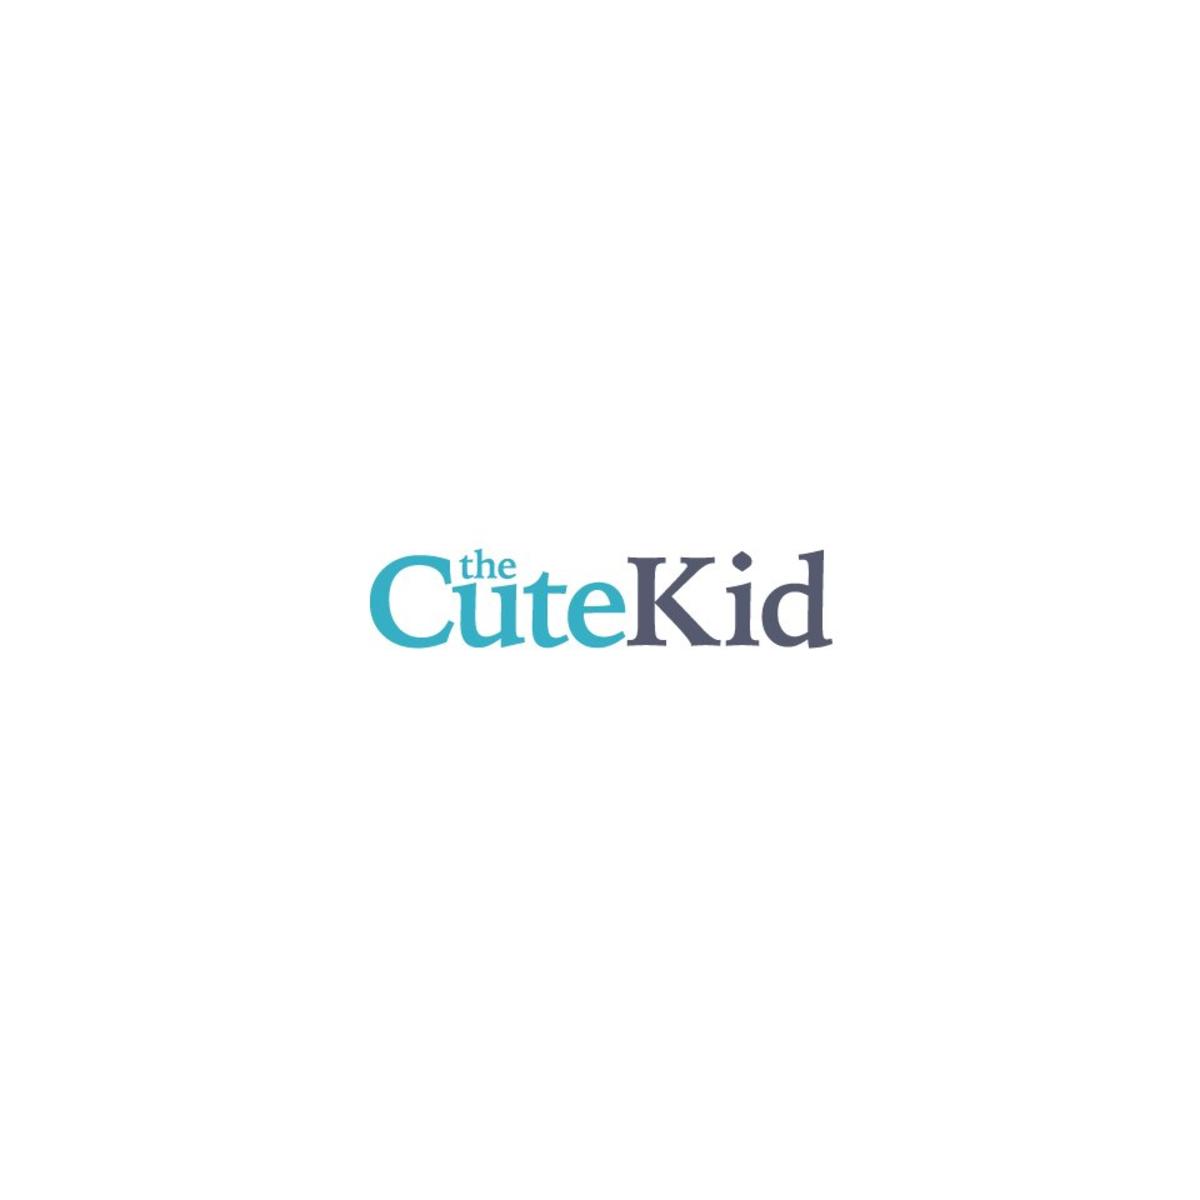 The Cute Kid